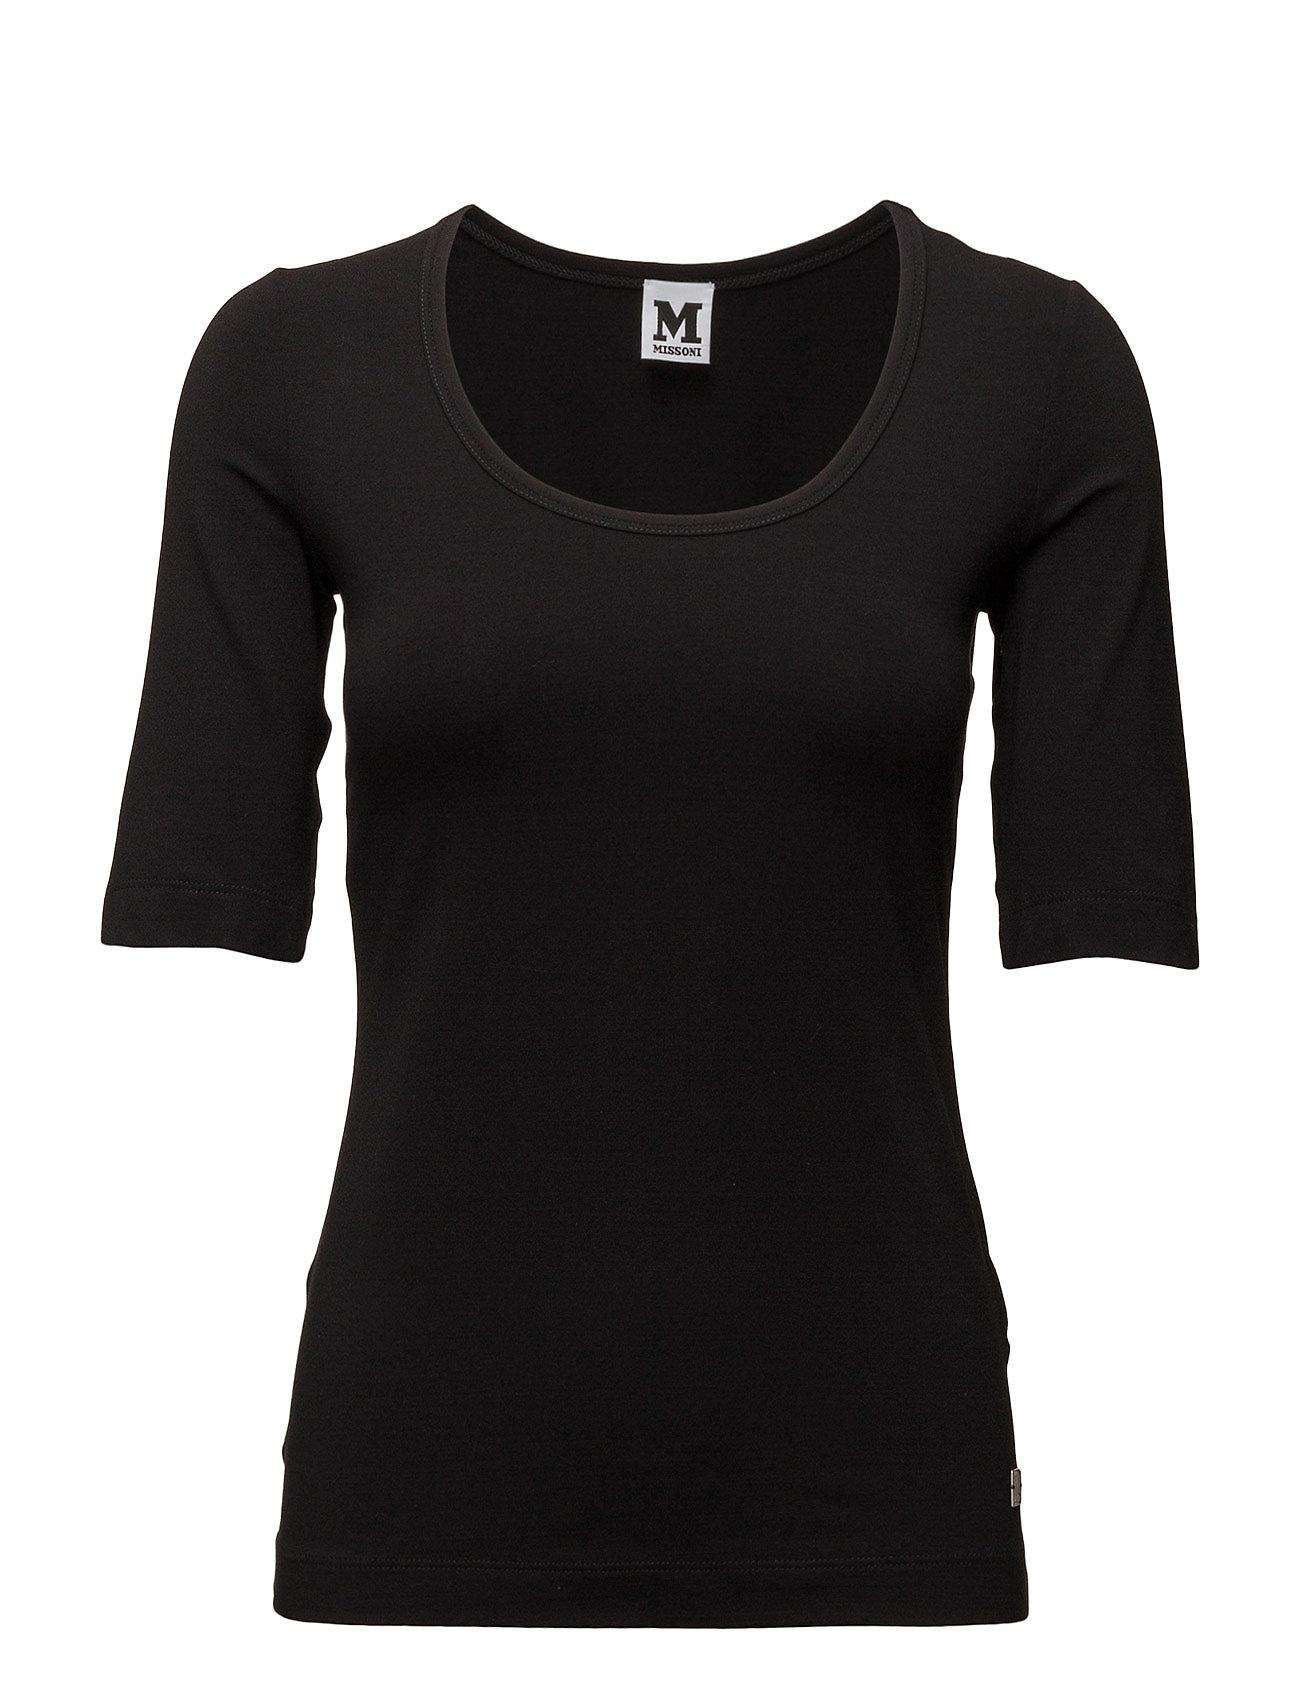 m missoni – T-shirt jersey fra boozt.com dk